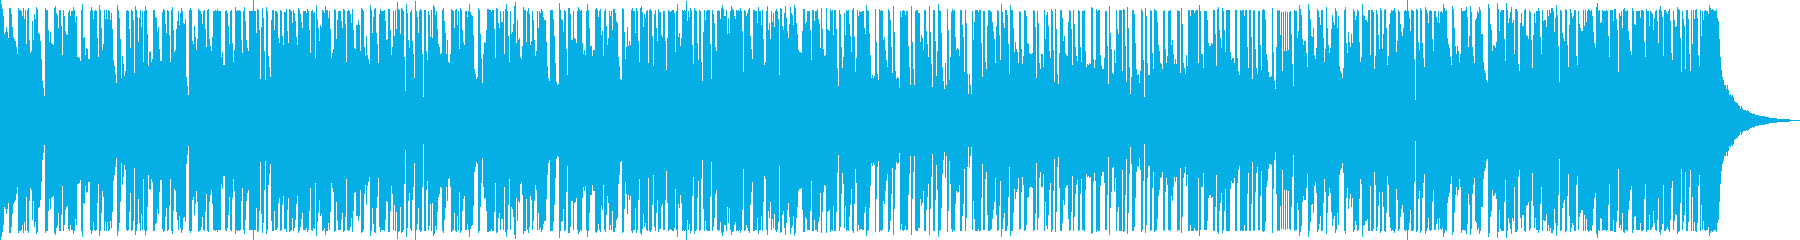 ブルースロック研究所ざらざらしたス...の再生済みの波形